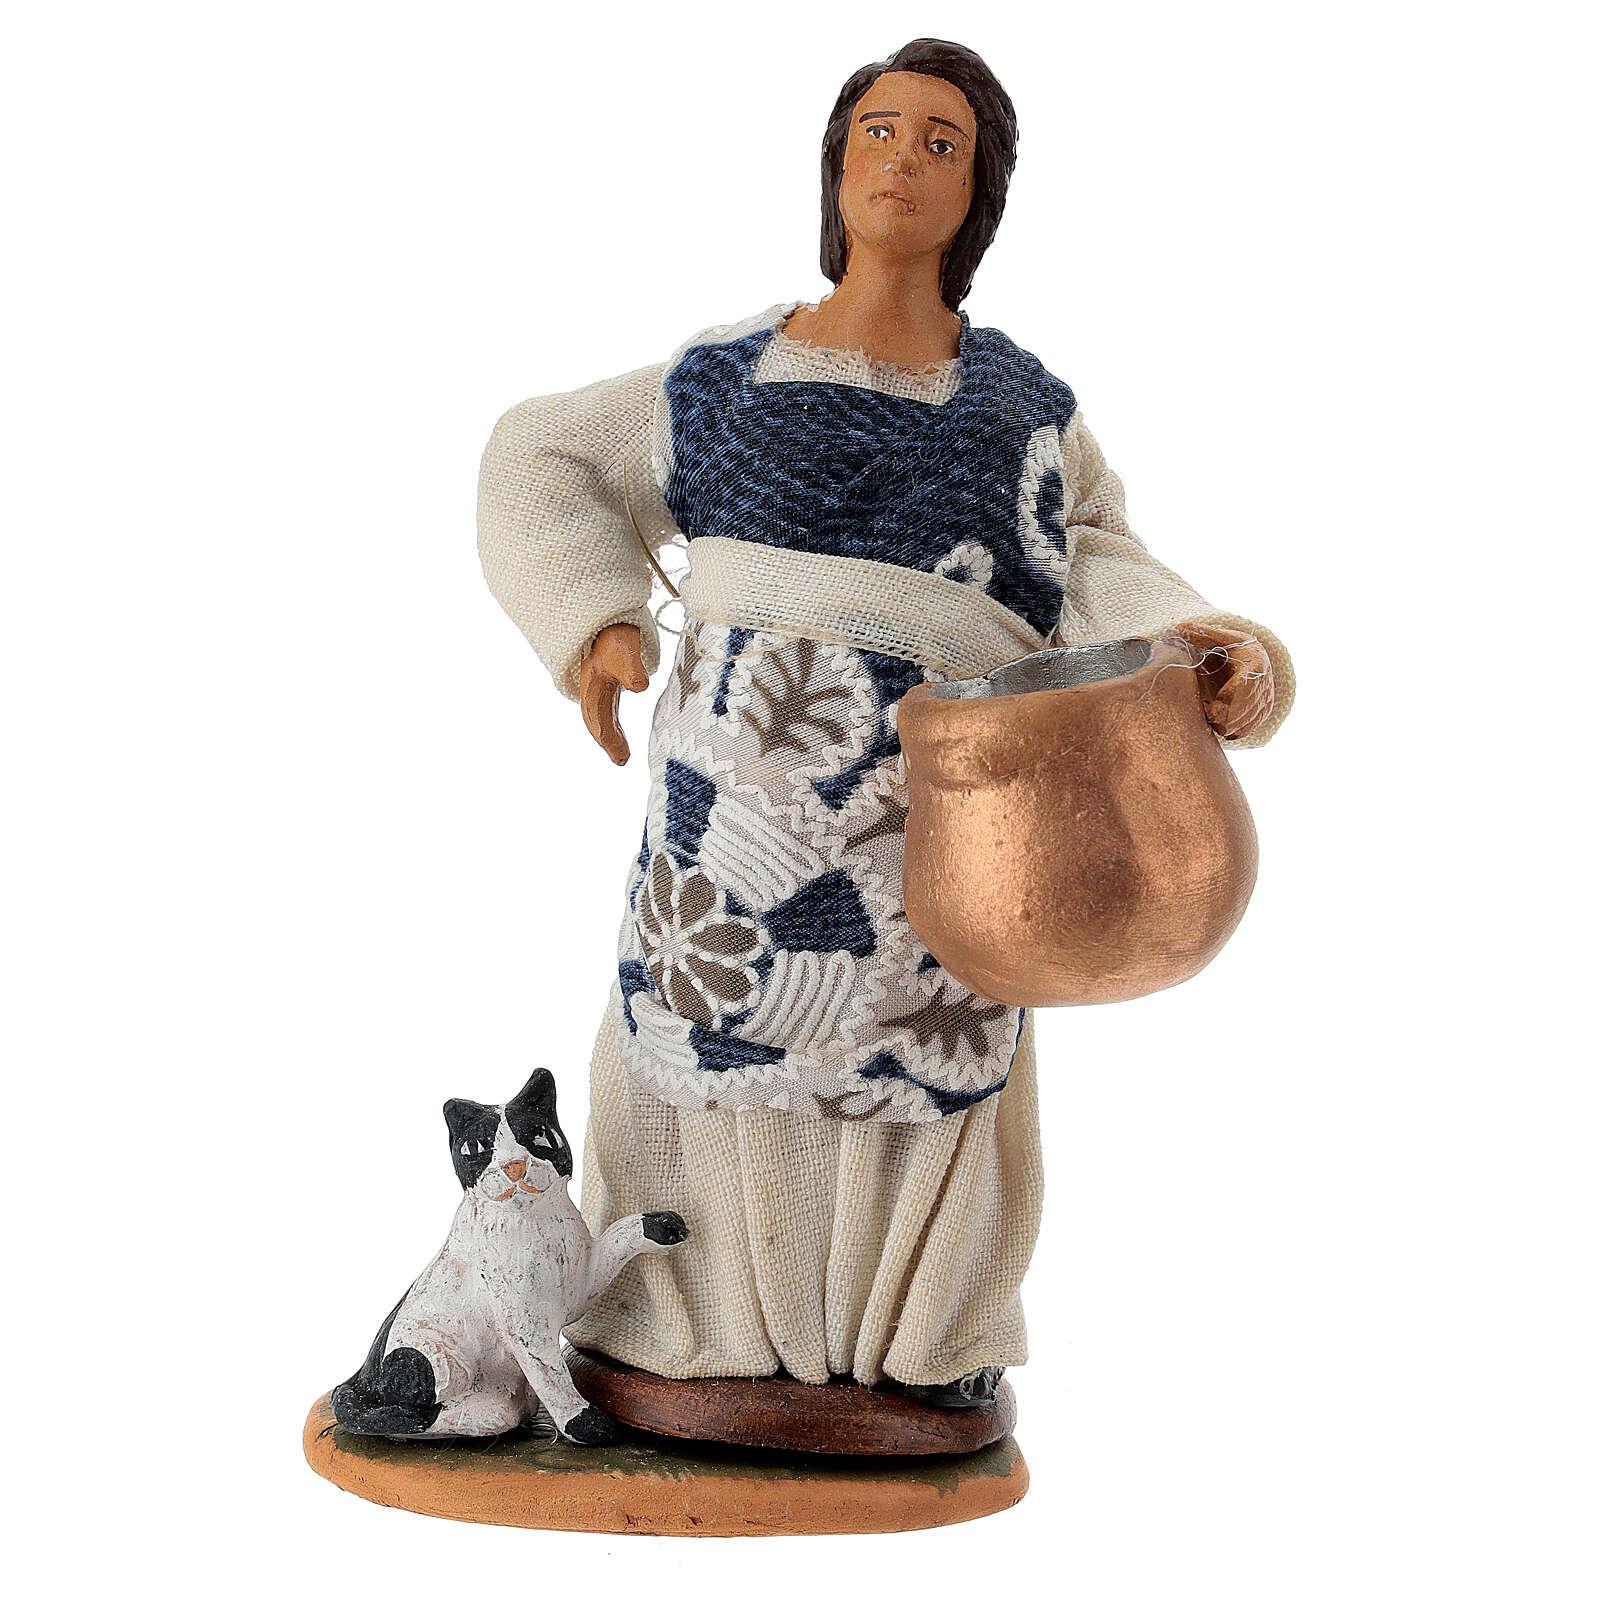 Pastora embarazada con olla y gato belén de Nápoles 12 cm de altura media 4